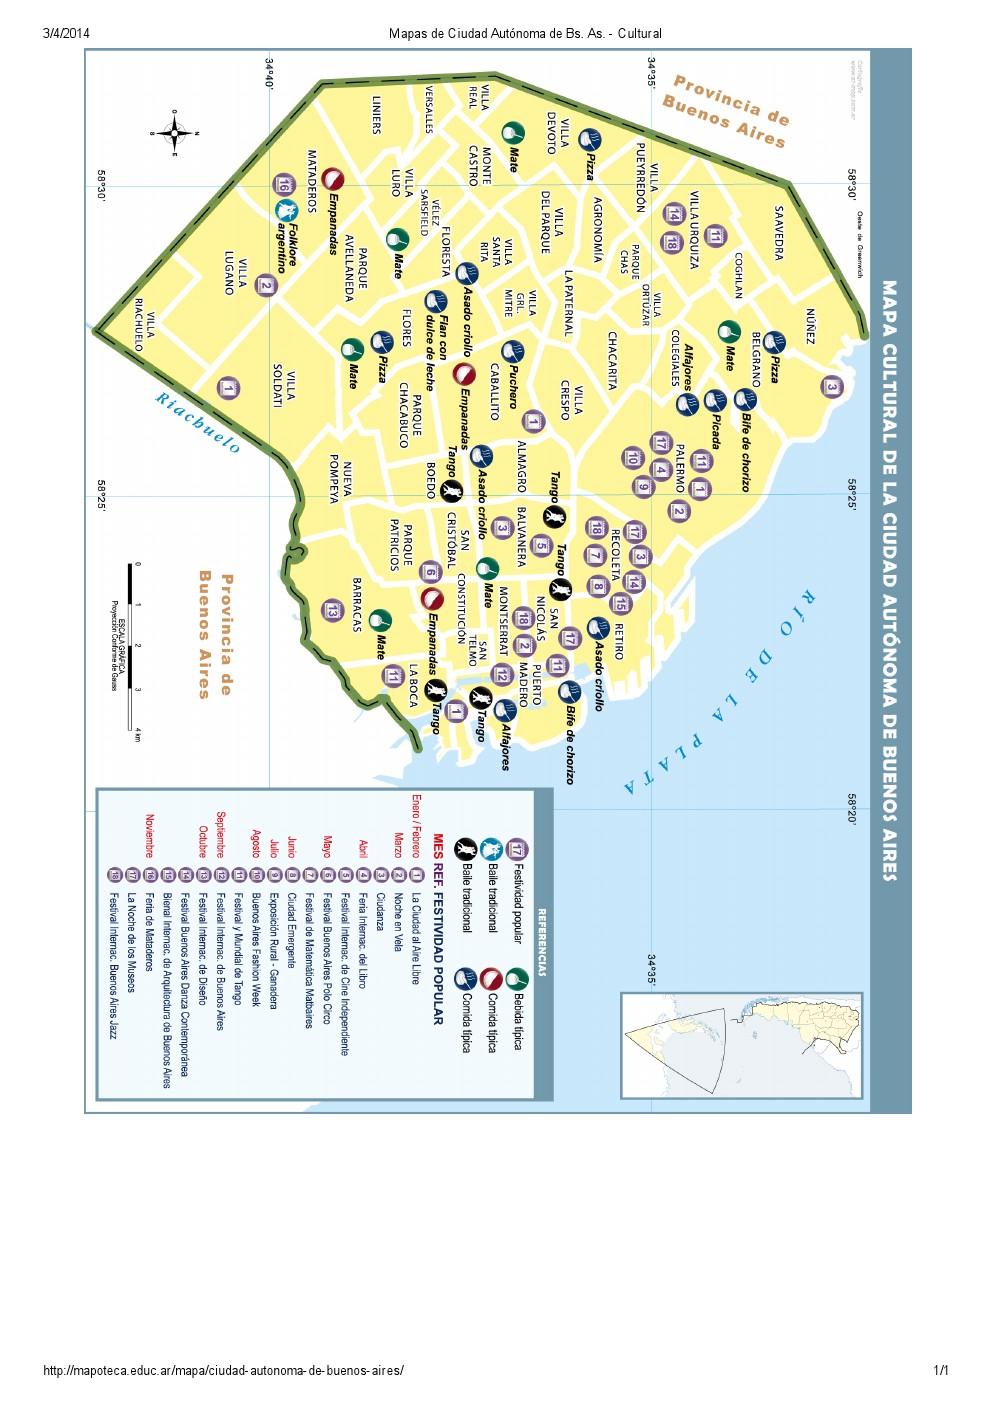 Mapa cultural de la ciudad de Buenos Aires. Mapoteca de Educ.ar